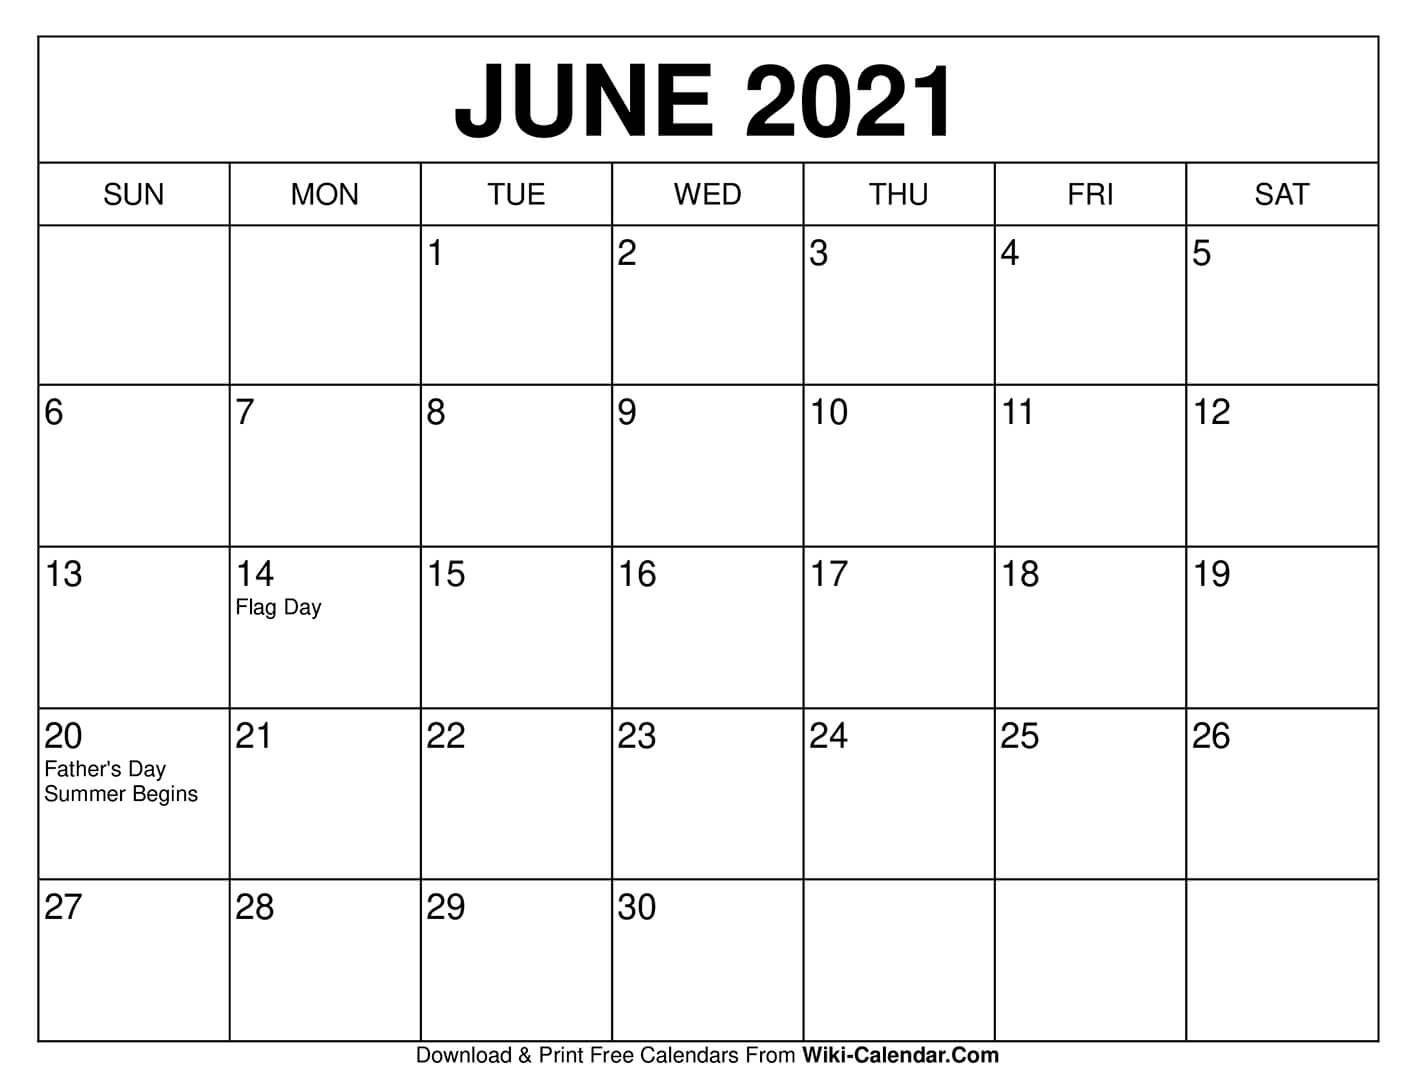 June 2021 Calendar | Calendar Printables, Free Calendars To